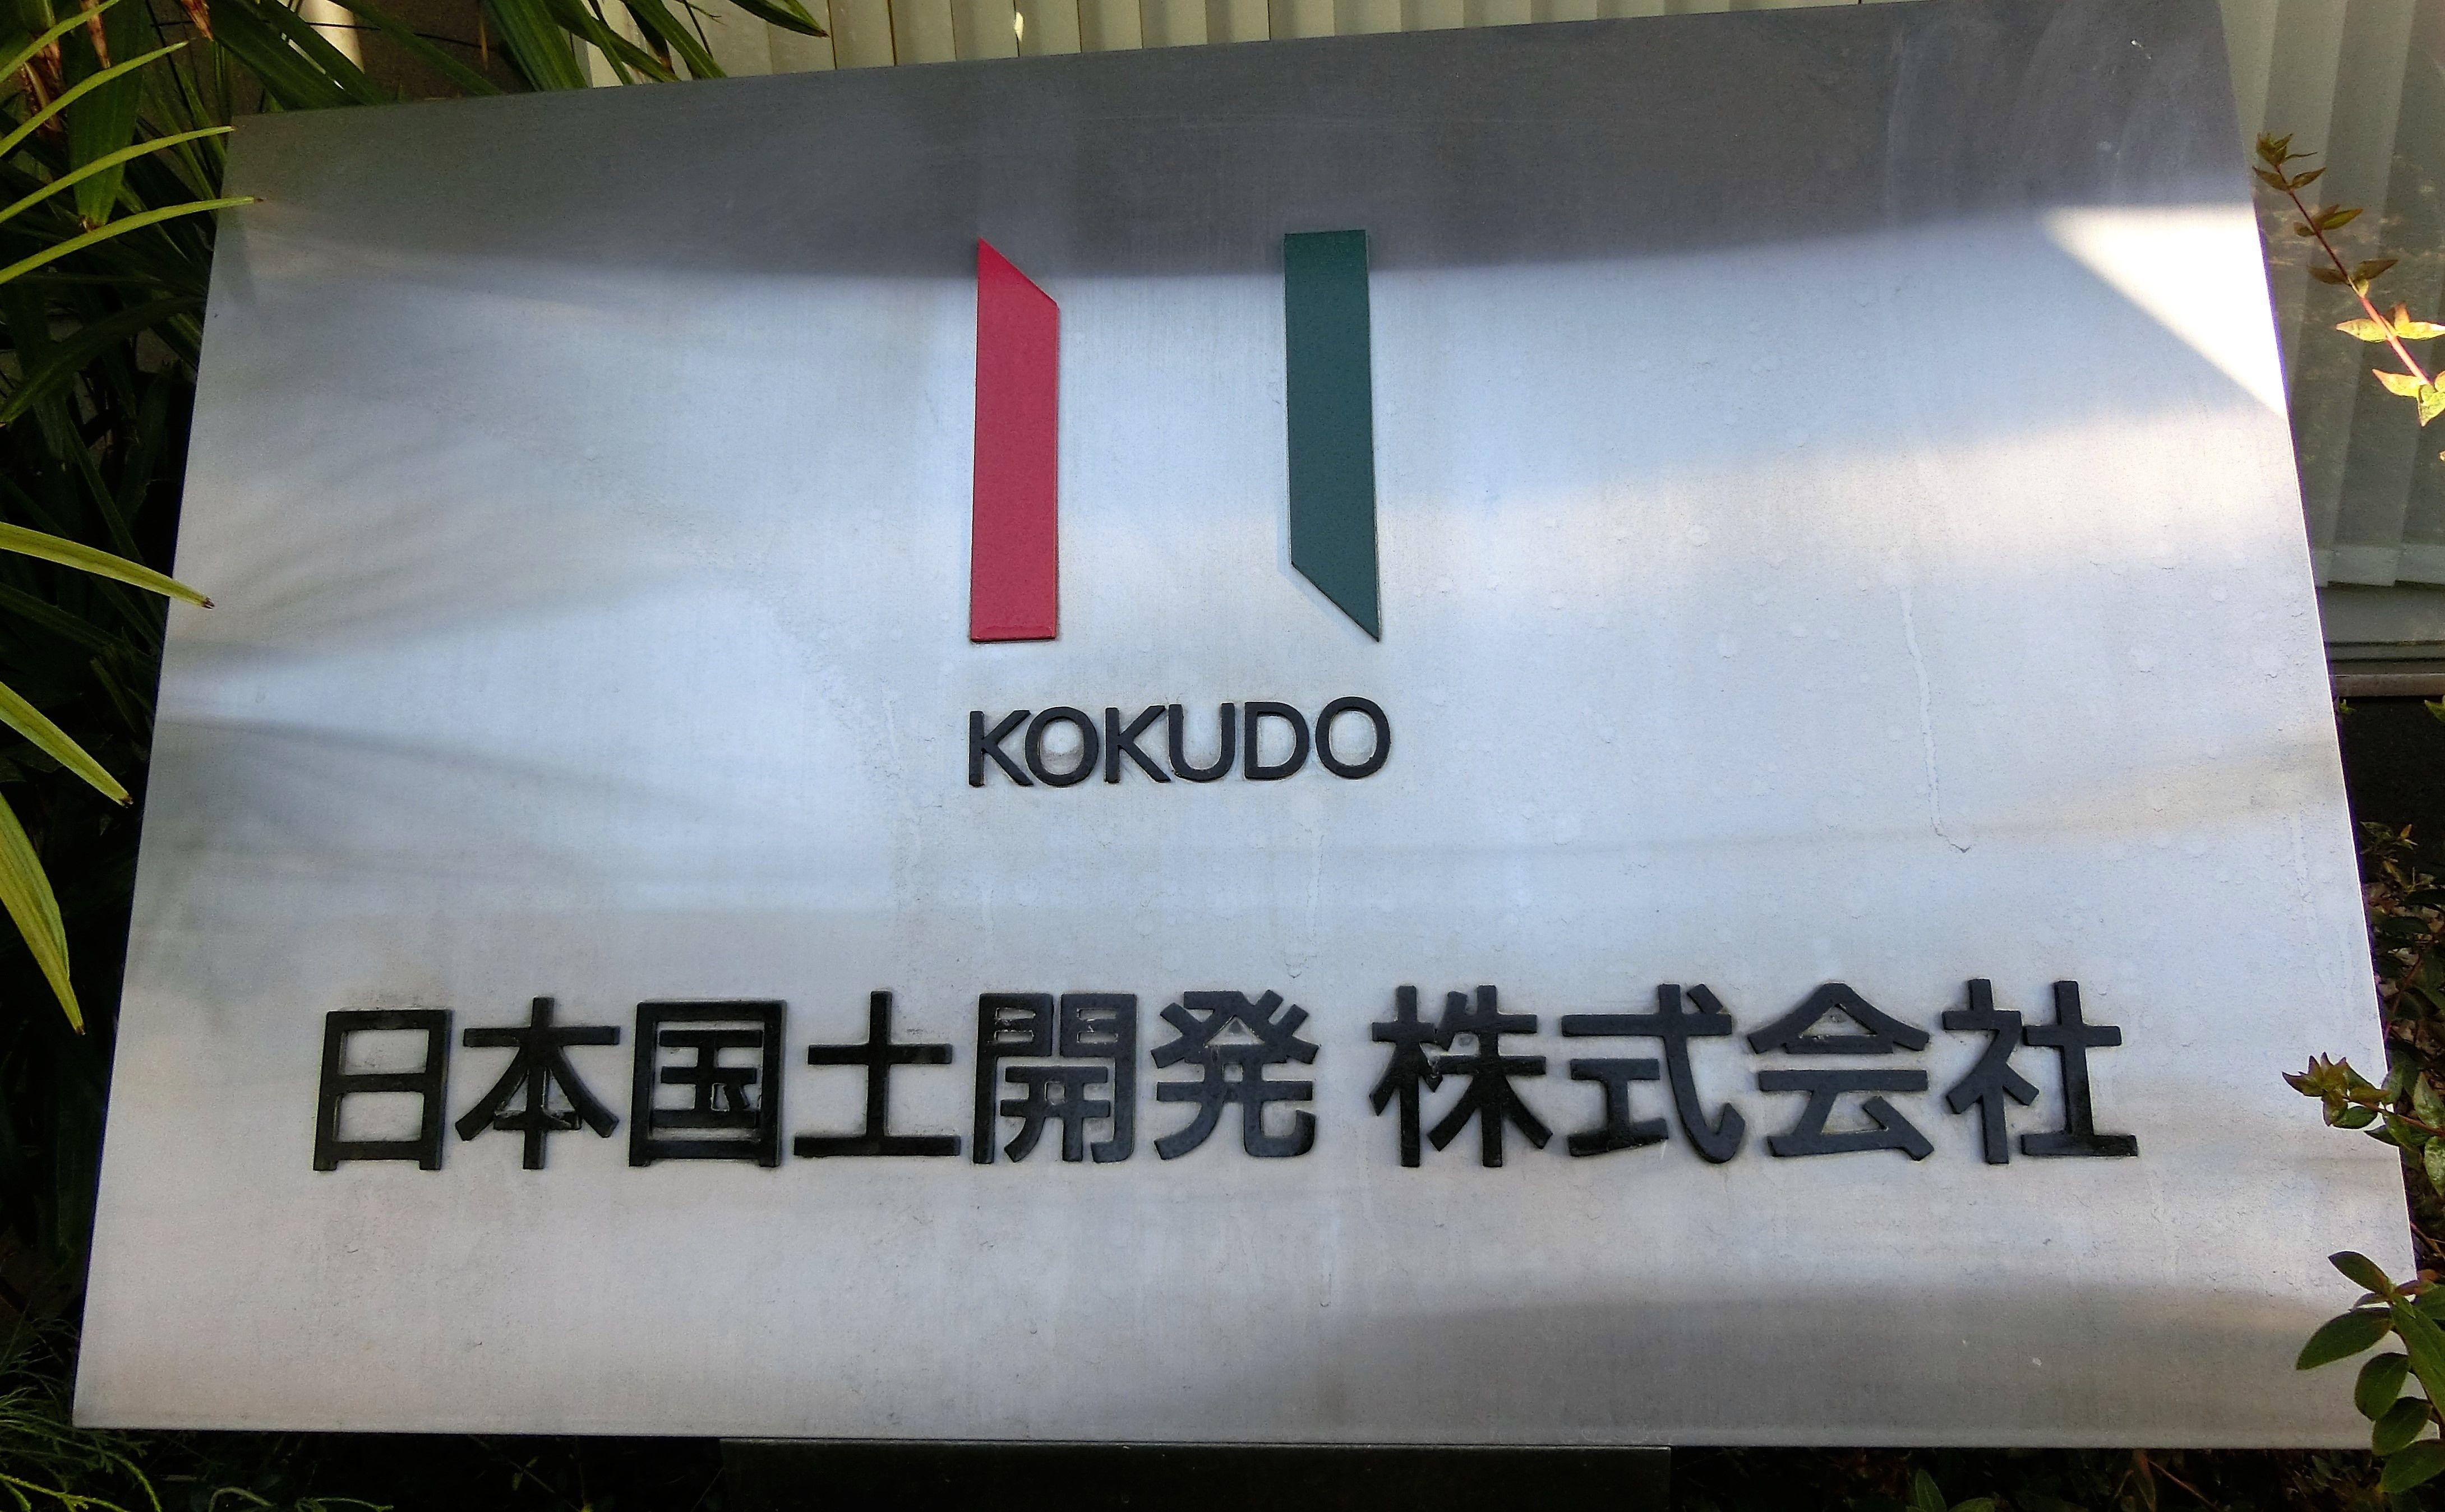 【日本国土開発】バブル後の受難を経て、20年ぶり東証上場に返り咲き